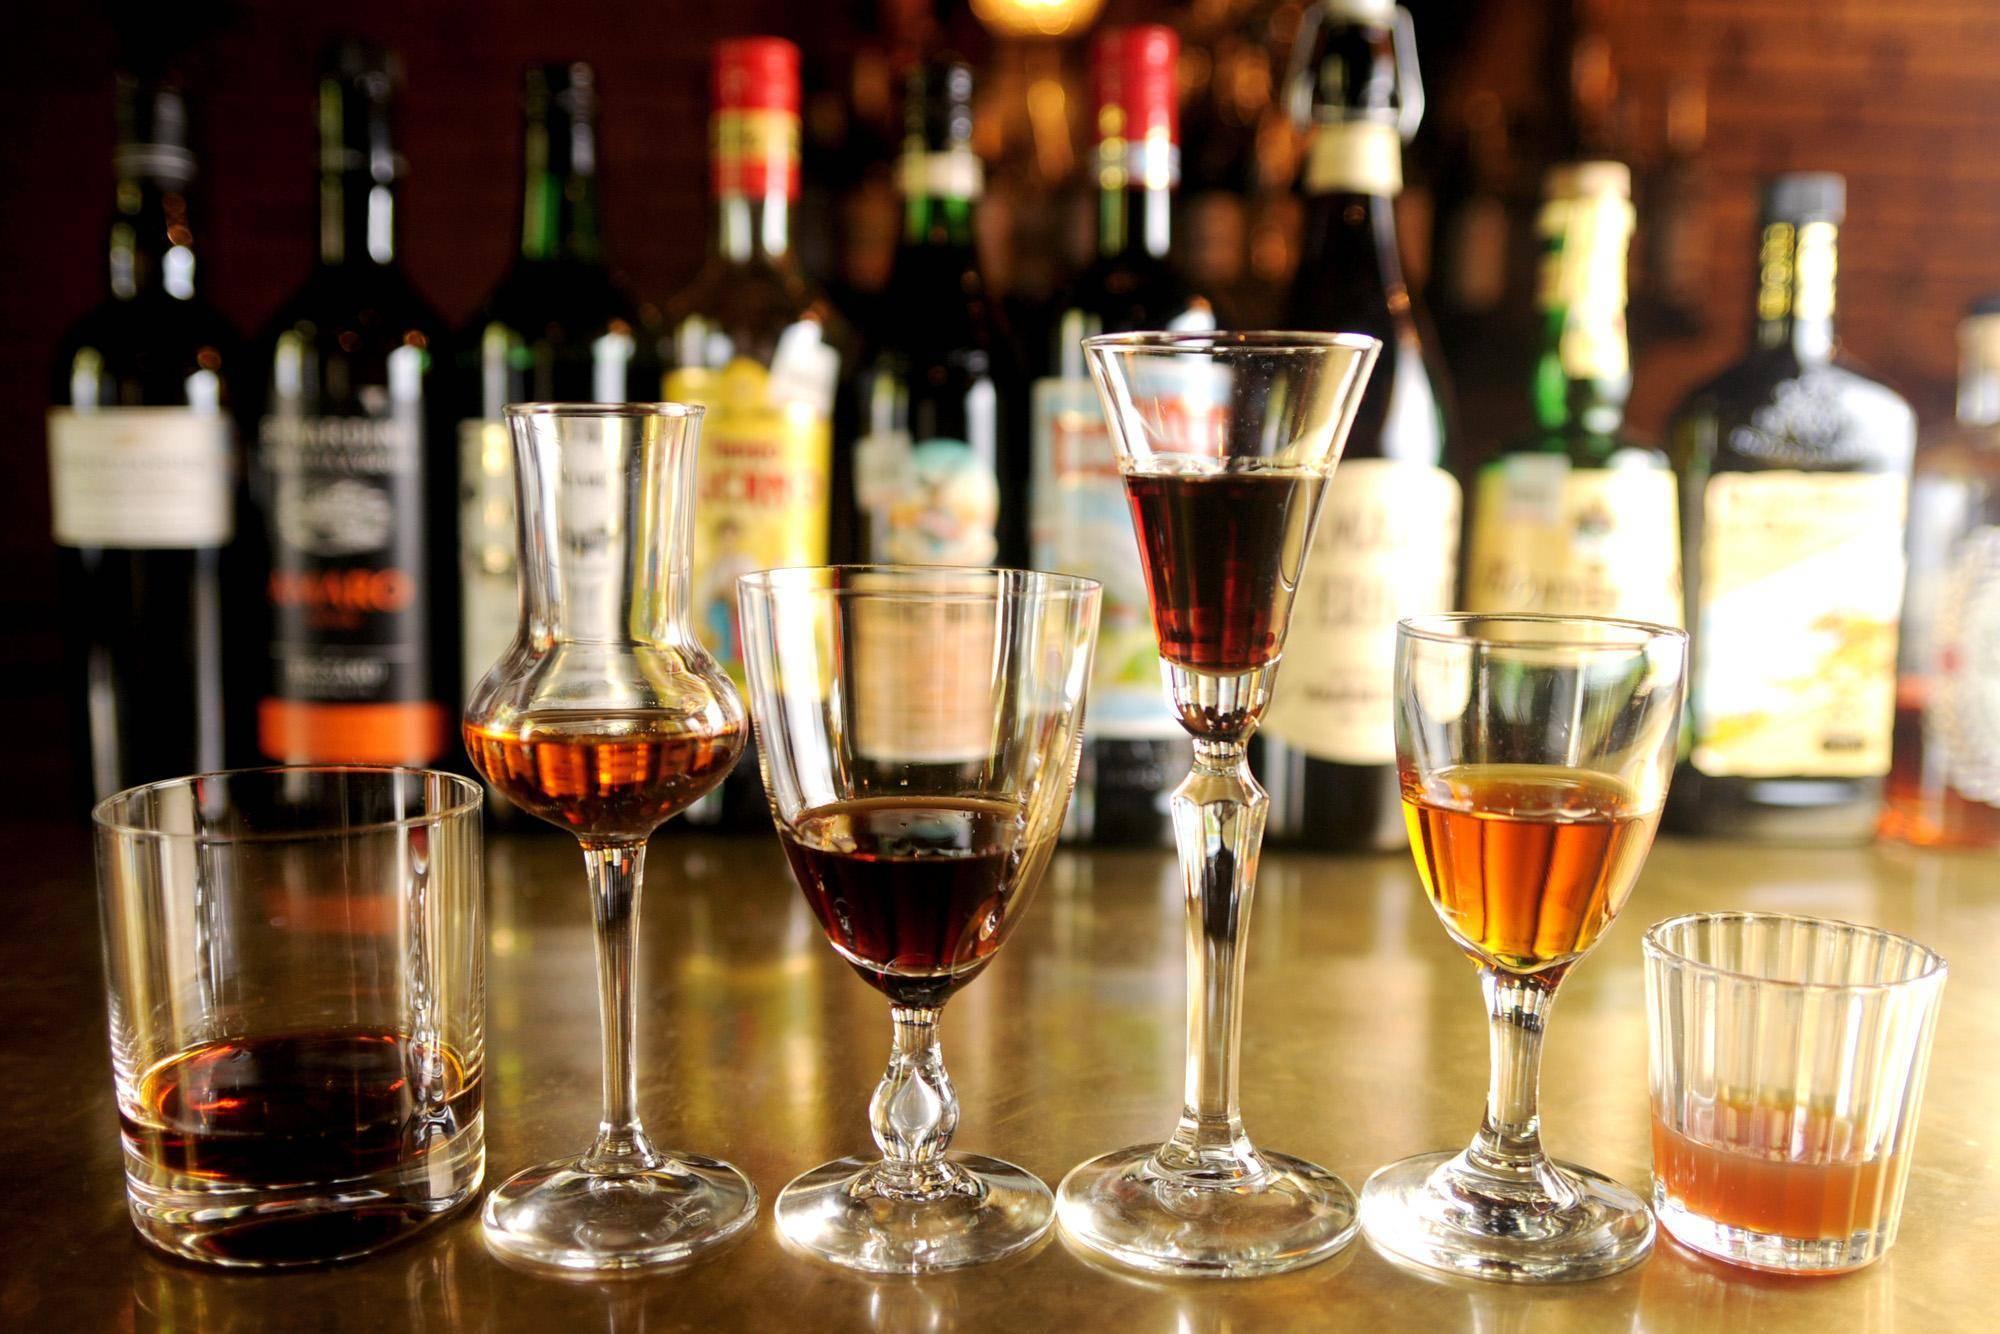 Аперитив и дижестив – что это и какие напитки уместны до и после еды? | про самогон и другие напитки ? | яндекс дзен